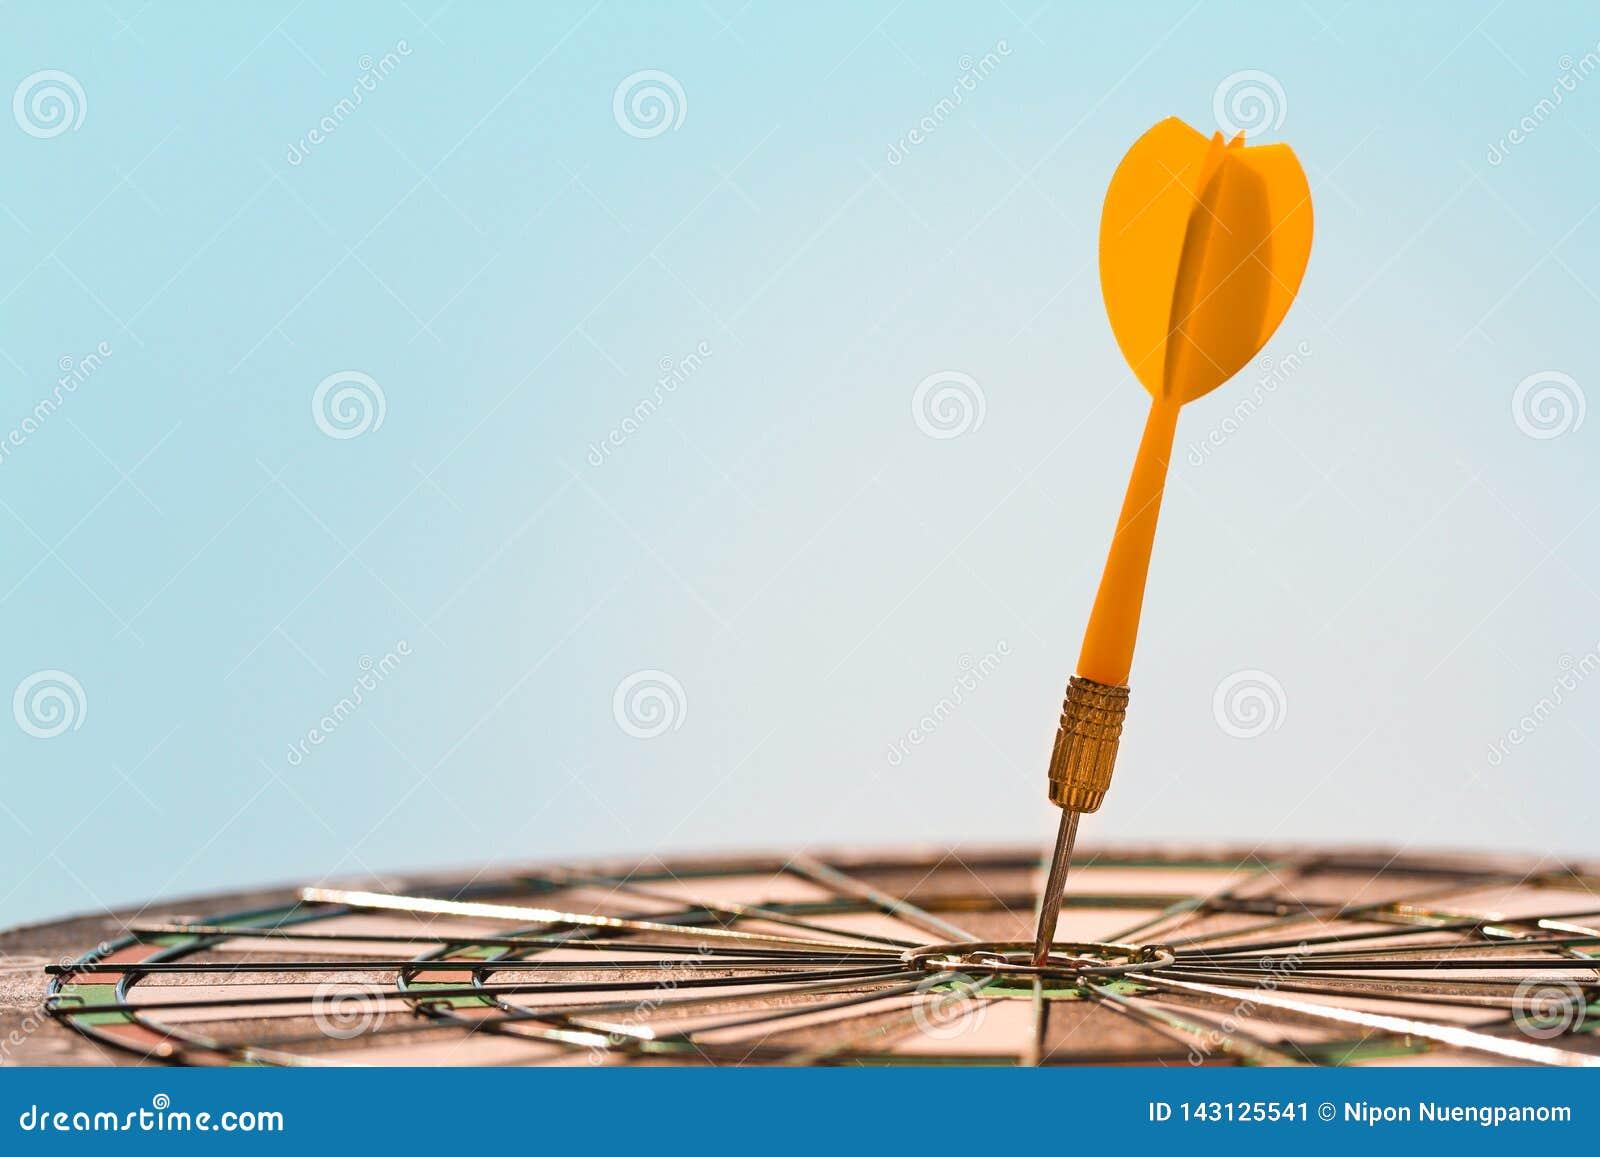 橙色箭箭头在掷镖的圆靶的中心的击中舷窗在天空蔚蓝背景的